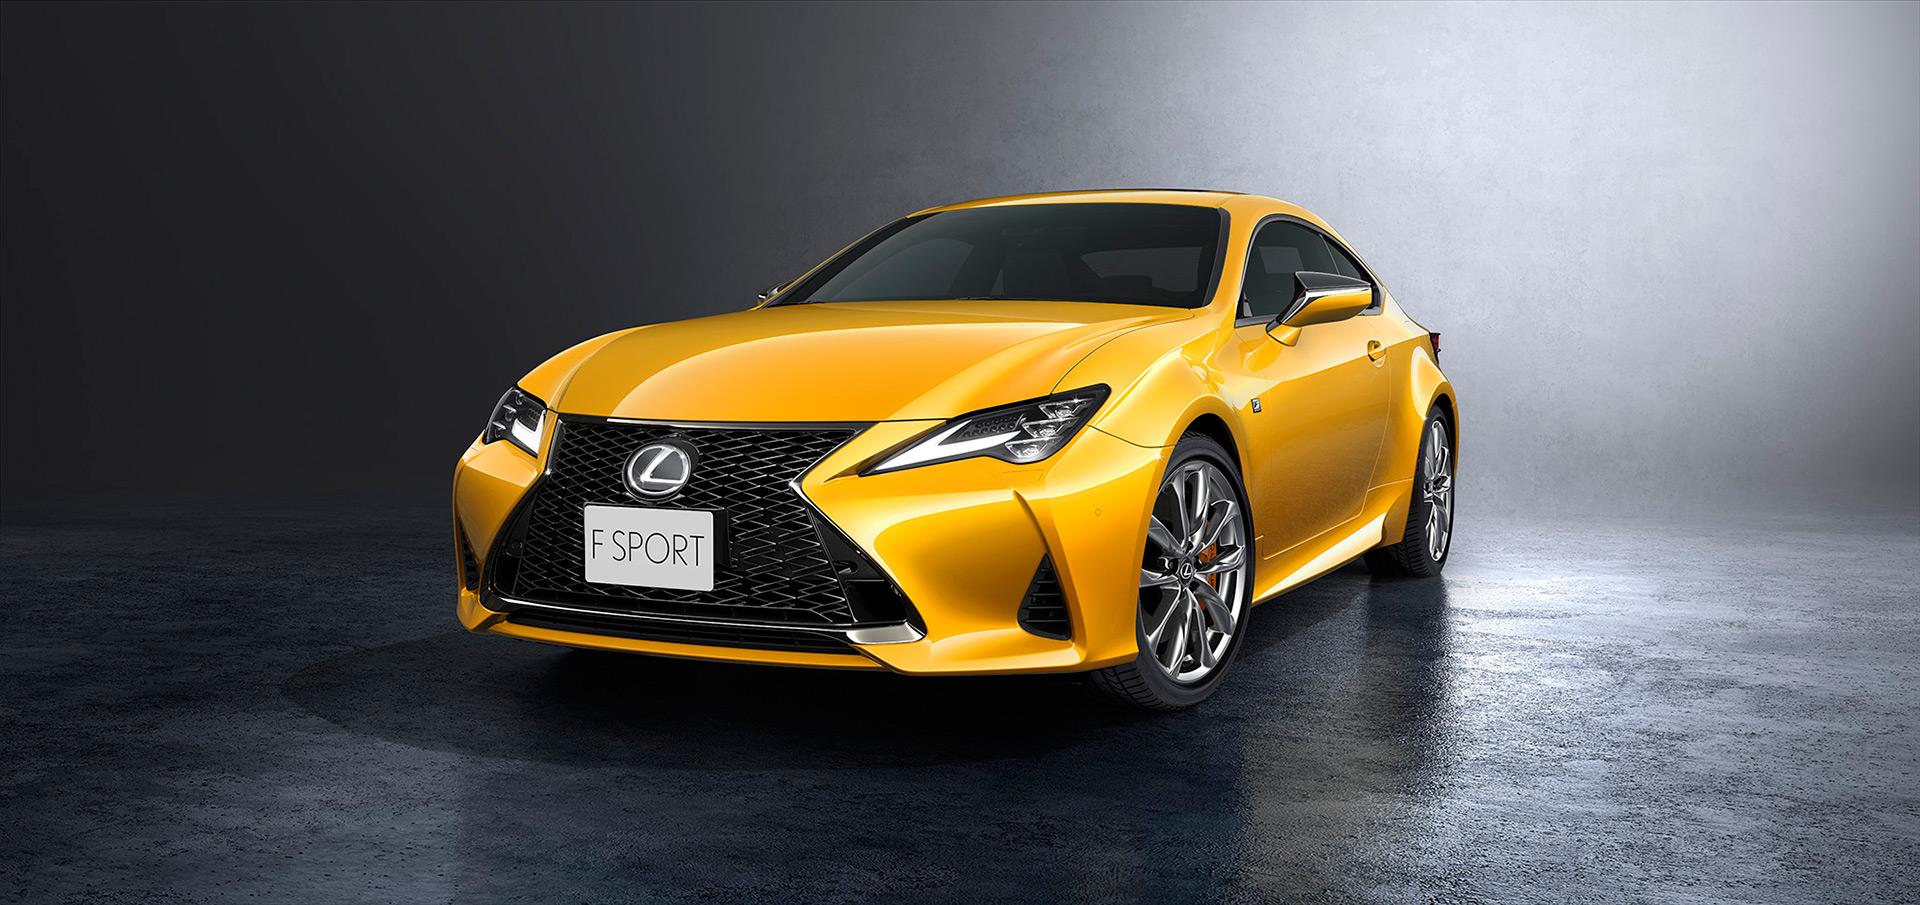 「【新車】レクサスRCがマイナーチェンジ。LC譲りのエレガントな外観と高い走行性能を獲得」の6枚目の画像